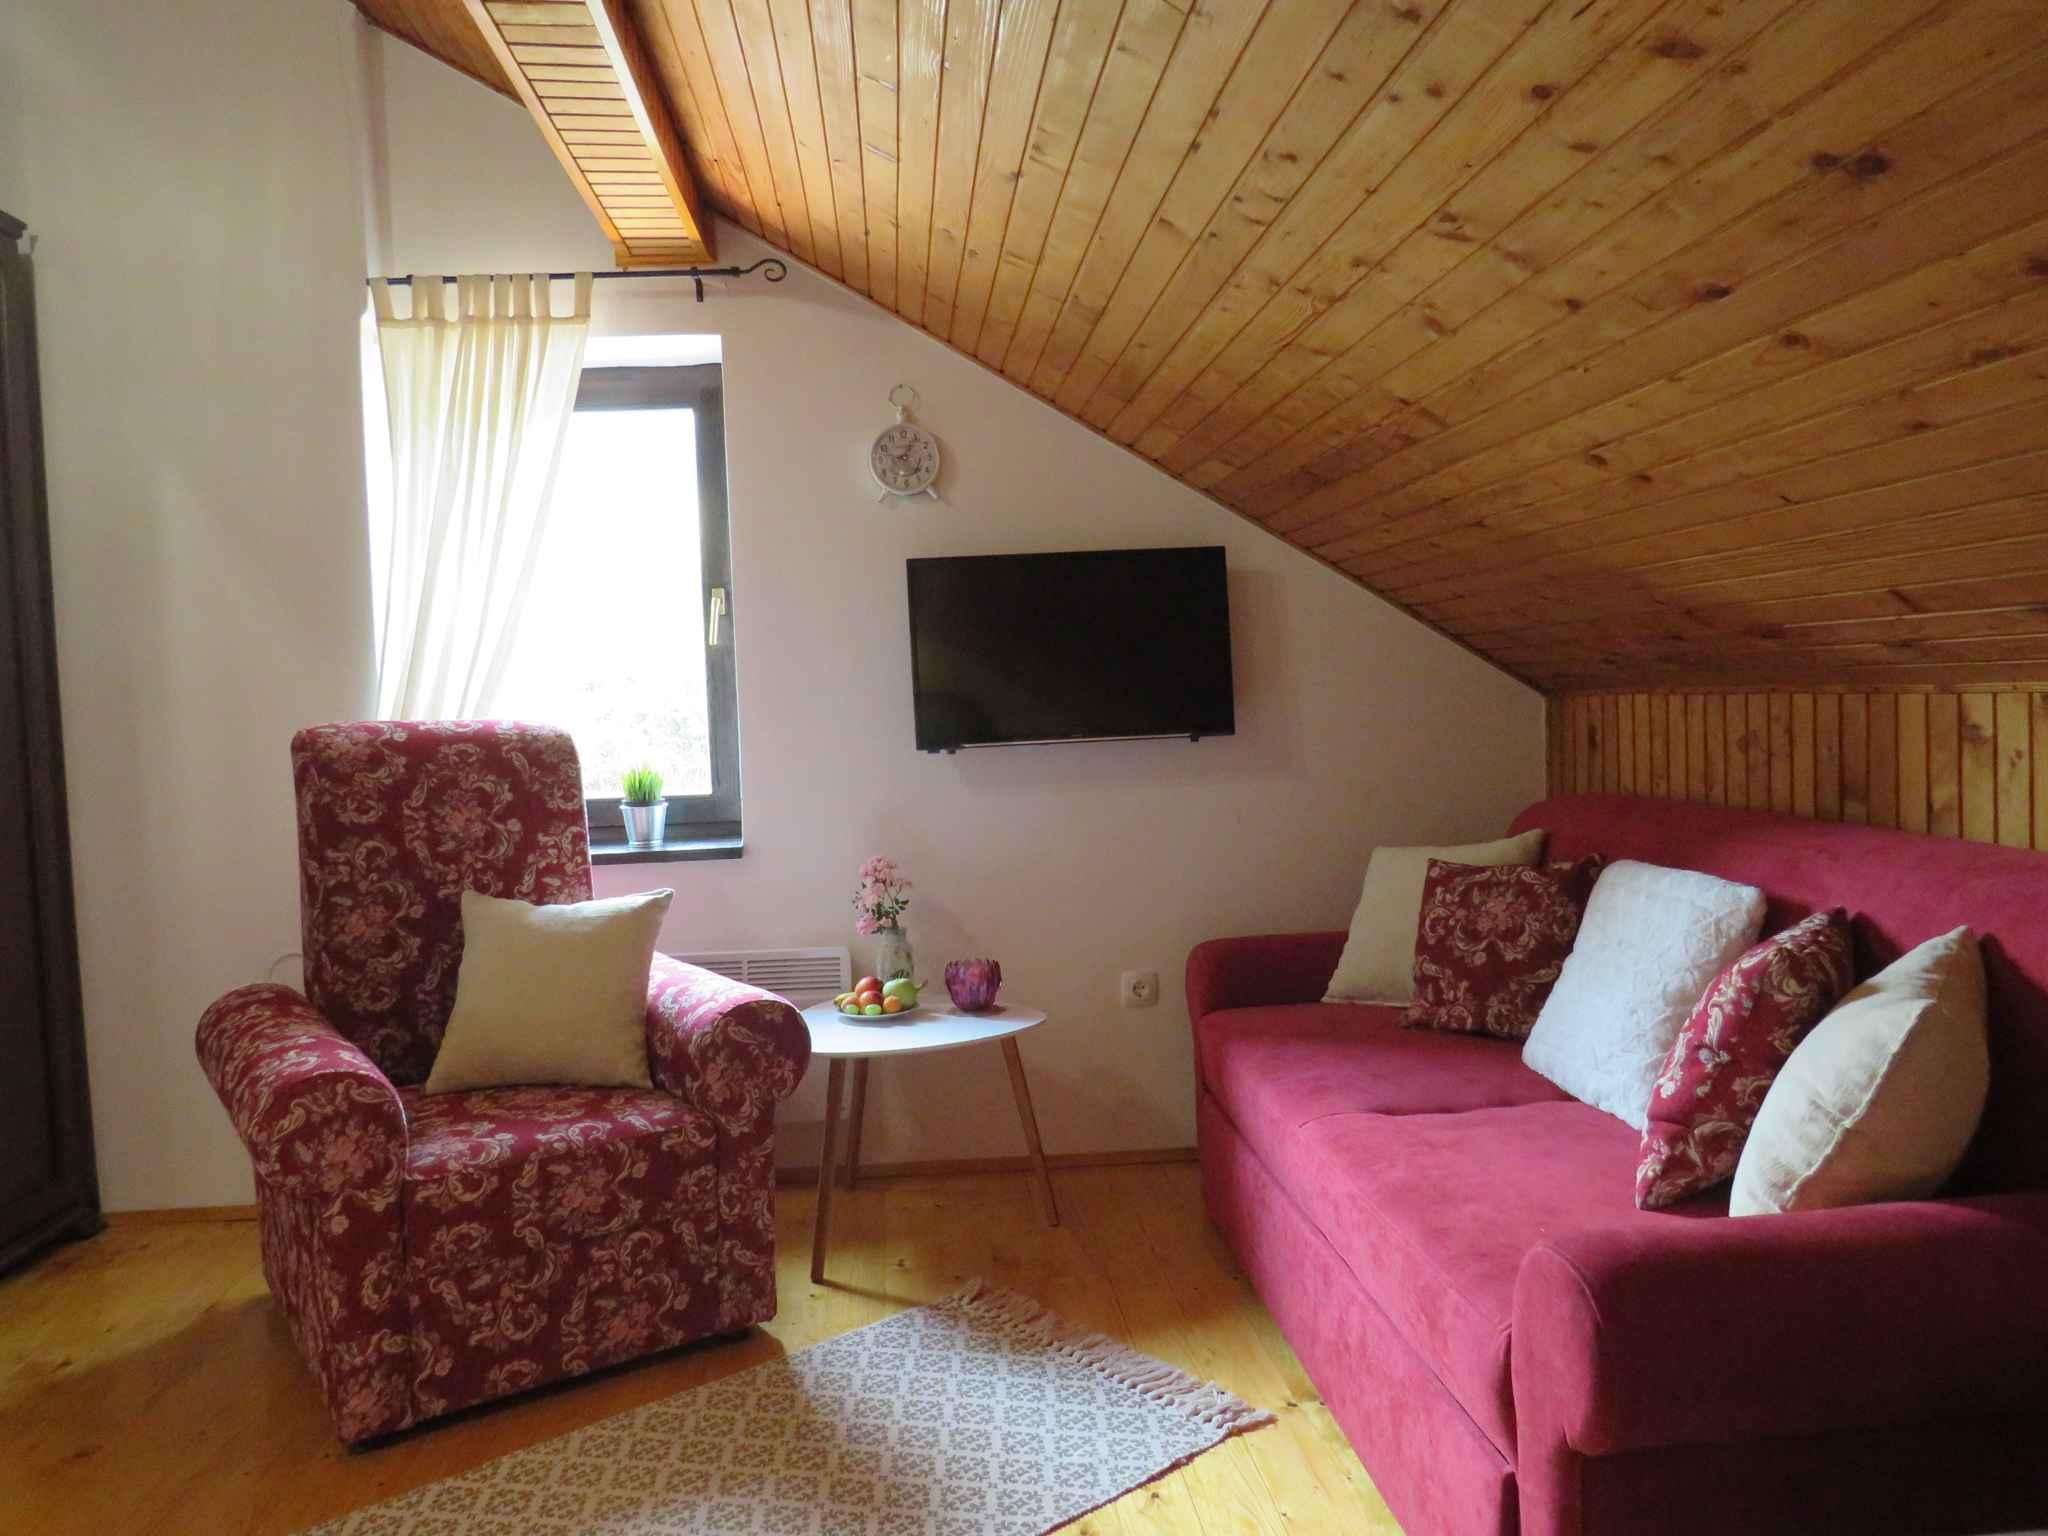 Ferienhaus mit Terrasse und Panoramablick auf die Natur (2579118), Orehovec, , Mittelkroatien, Kroatien, Bild 26